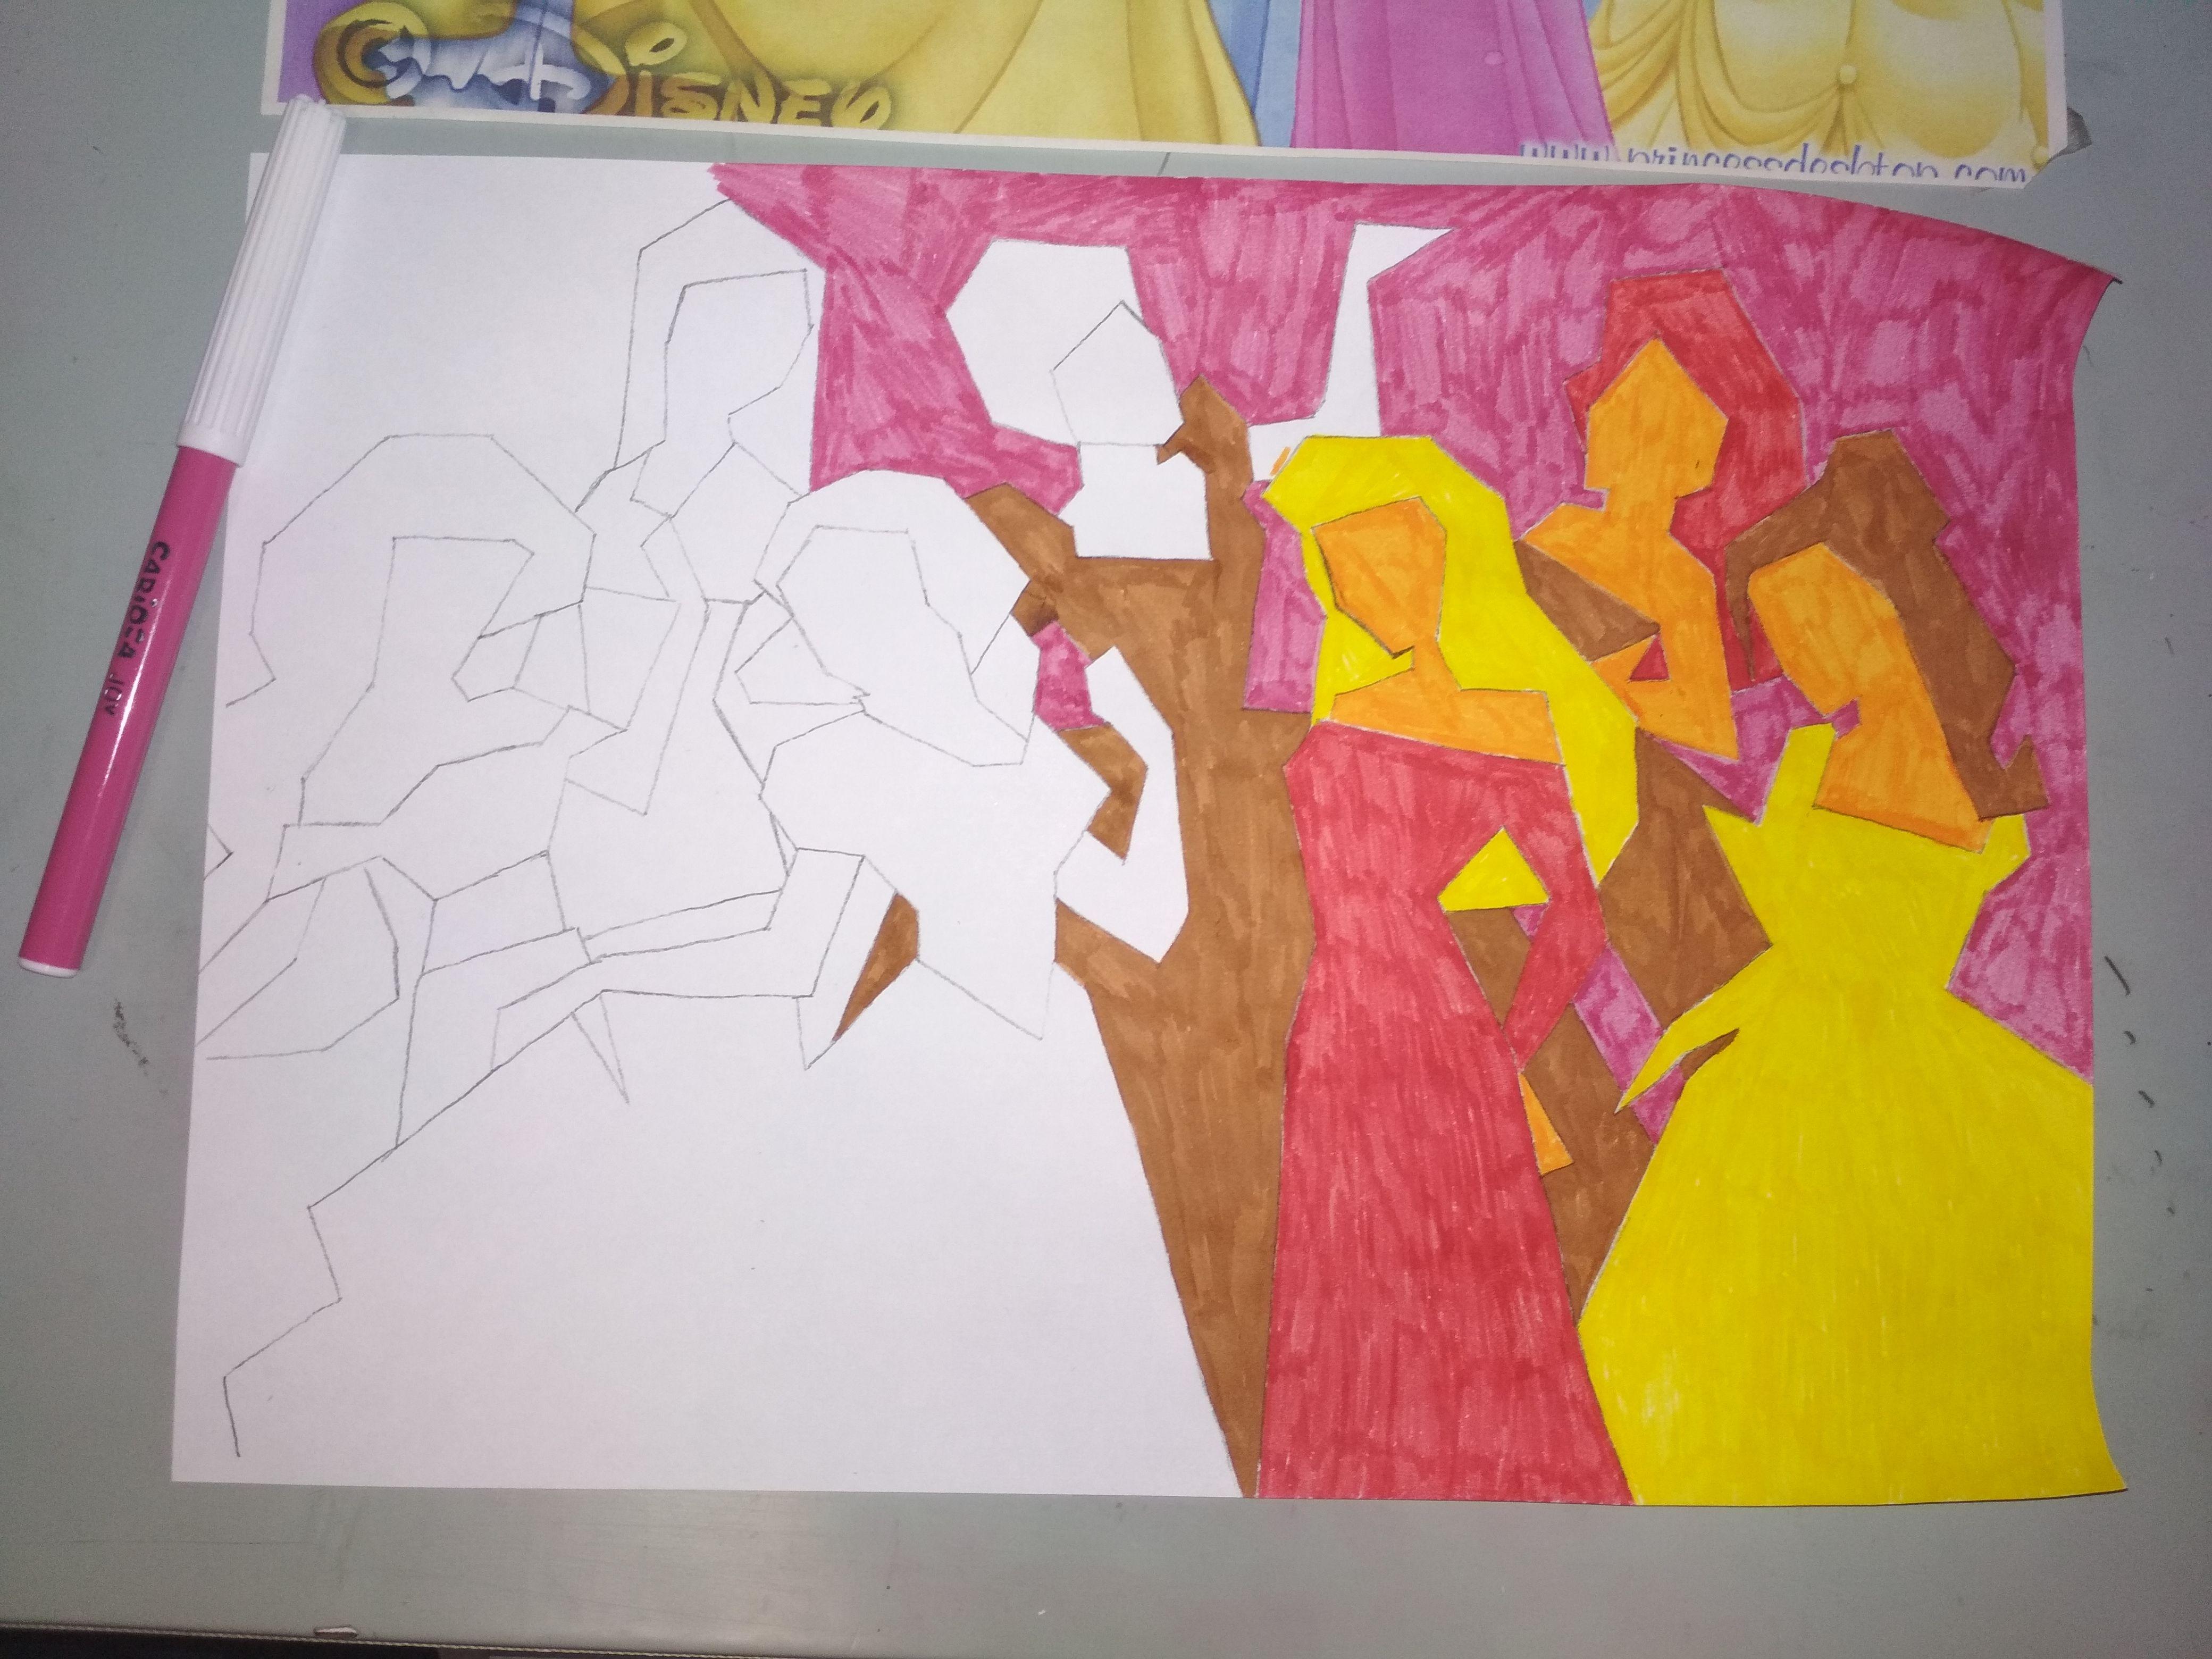 Proceso de coloreado en la abstracción, usando una gama cálida con ...